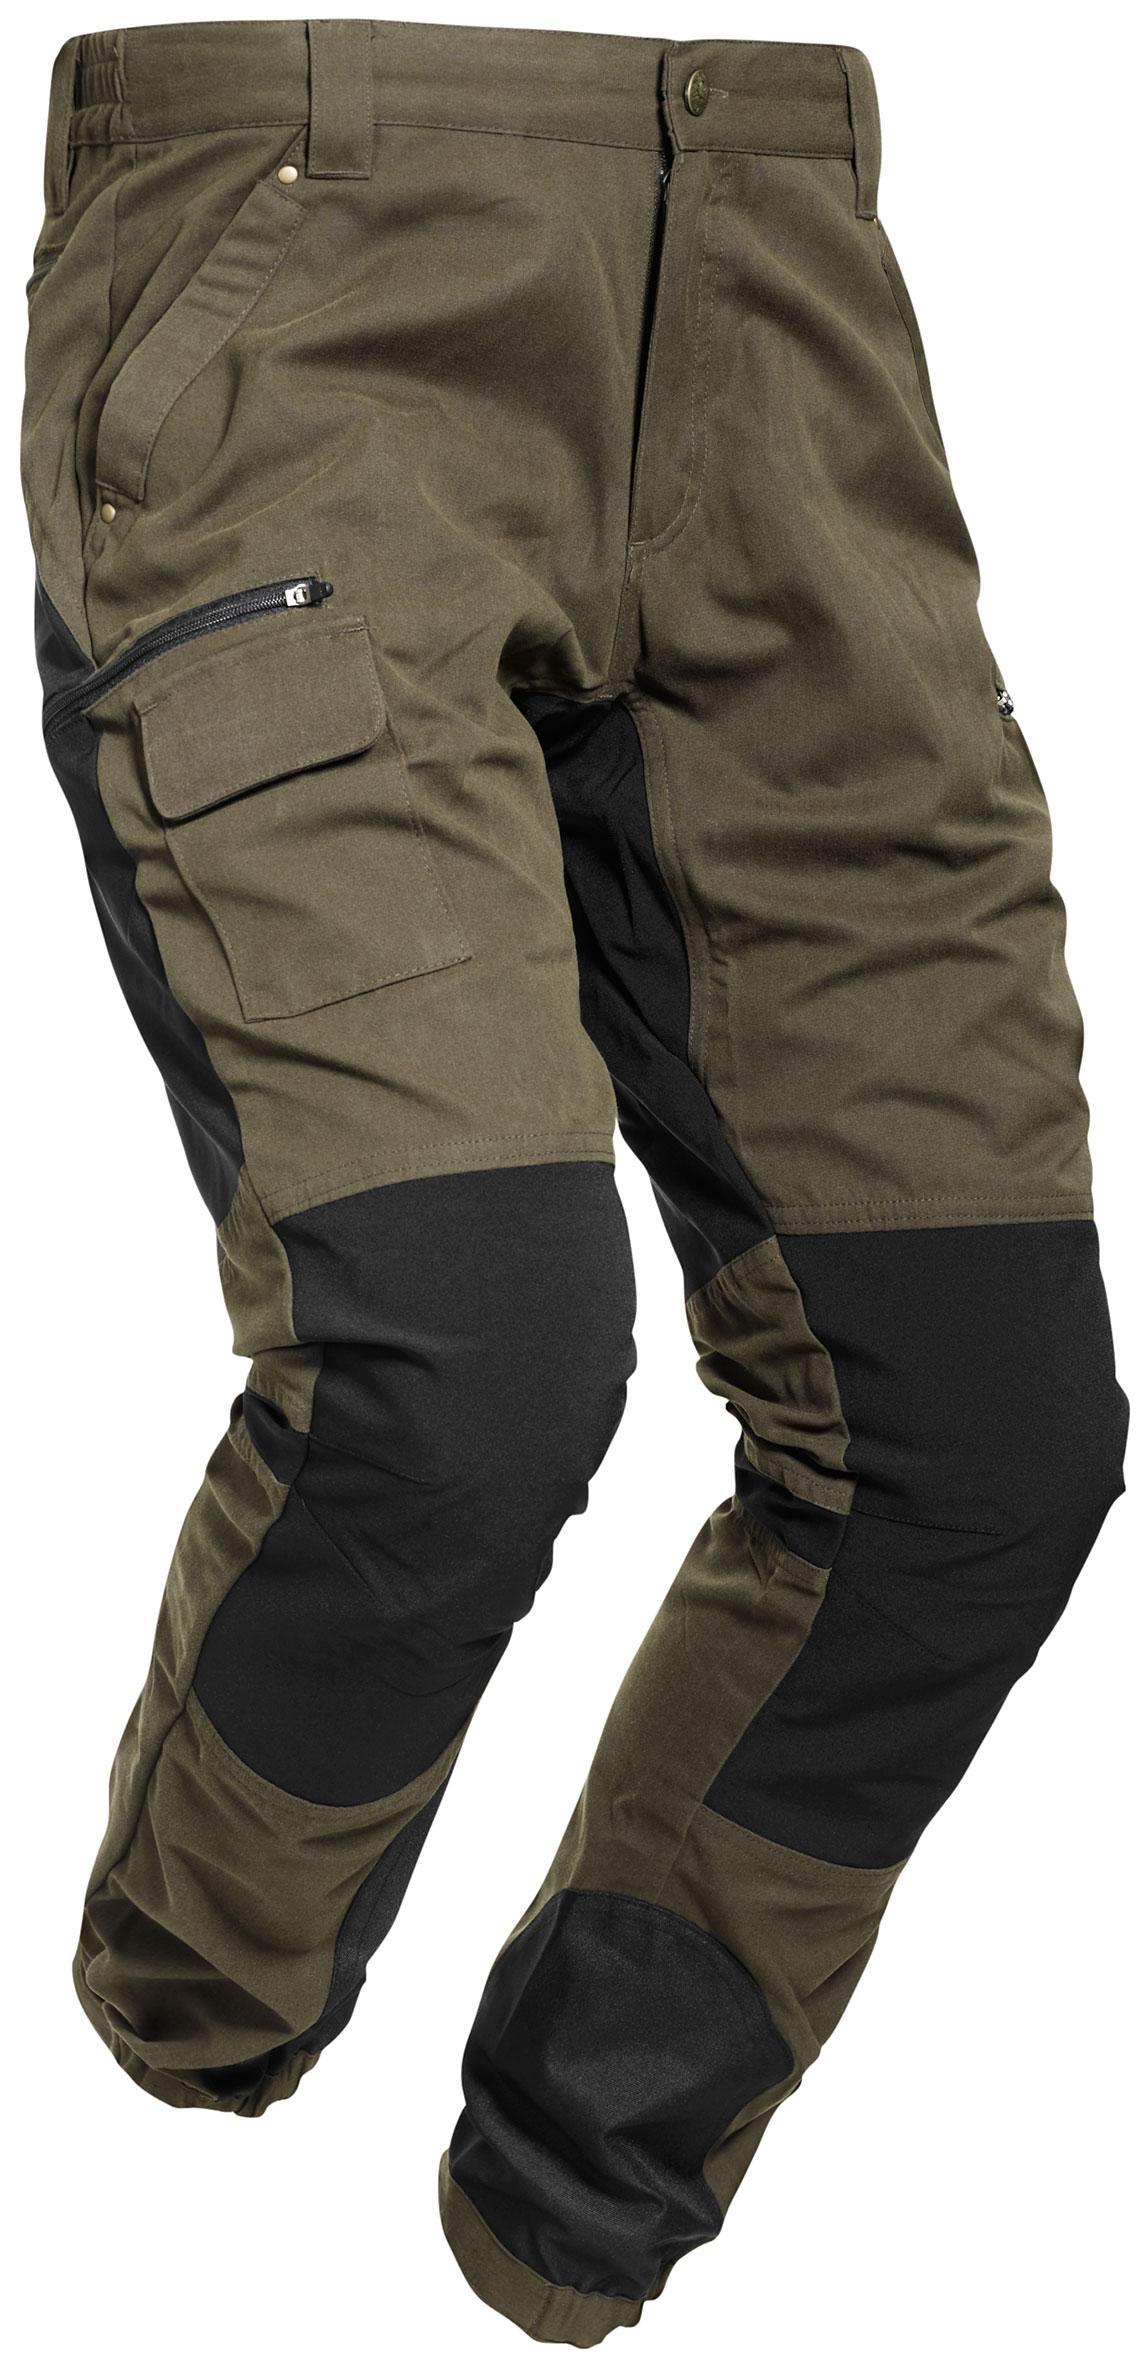 Chevalier Arizona Pro housut koko D120